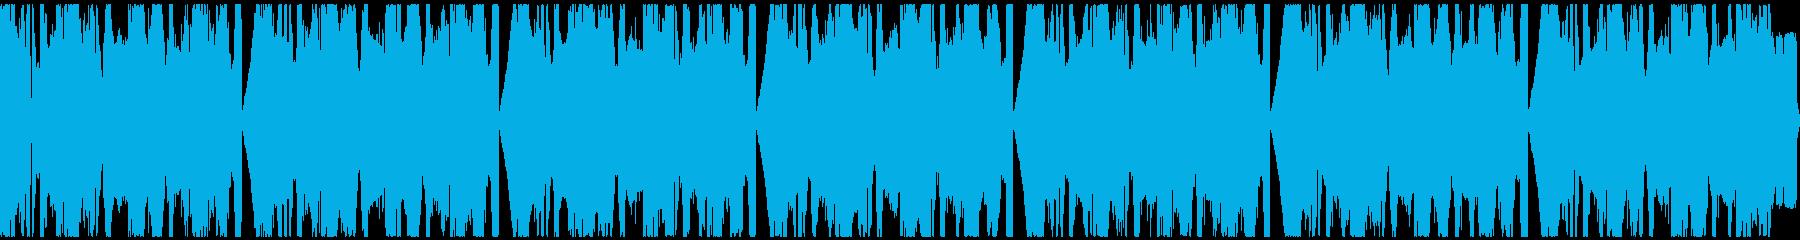 ヘヴィーなギターとEDM【ループ】の再生済みの波形